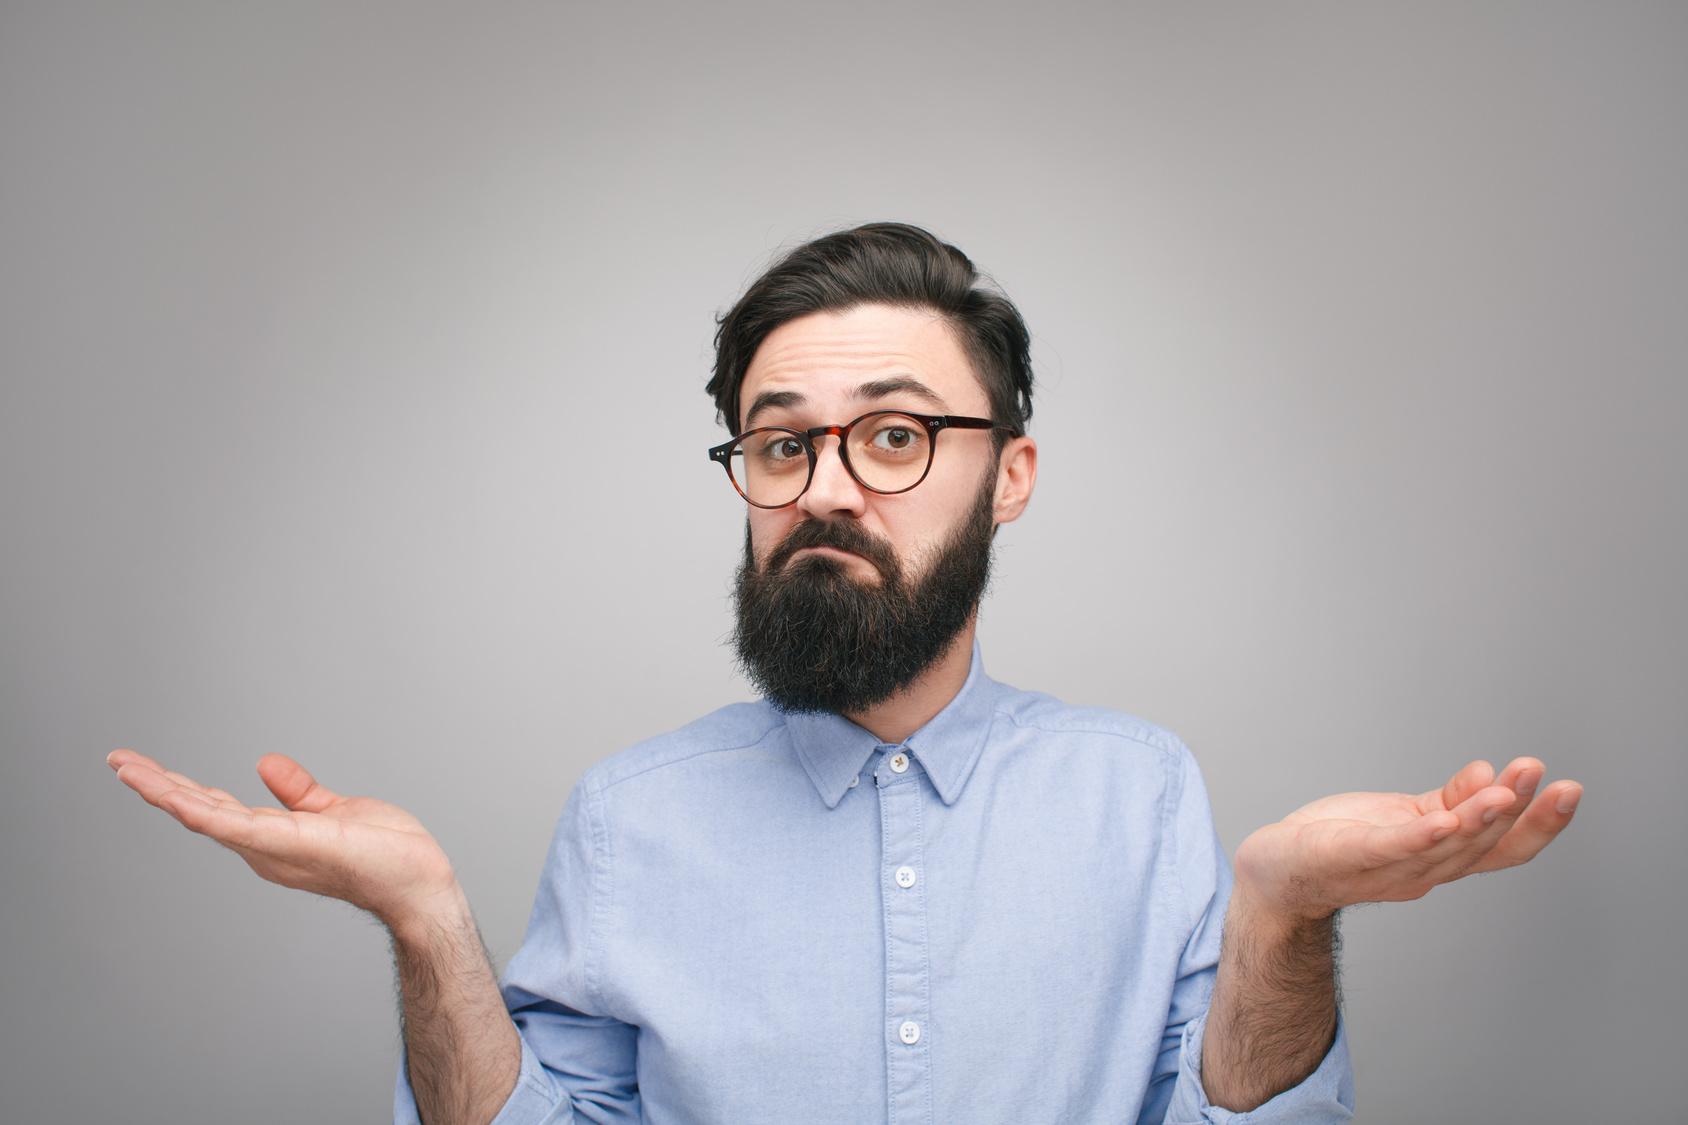 איש מבולבל עם זקן מחזיק את ידיו באוויר כאילו לא יודע מה ואיך חוסכים בעלויות הביטוח